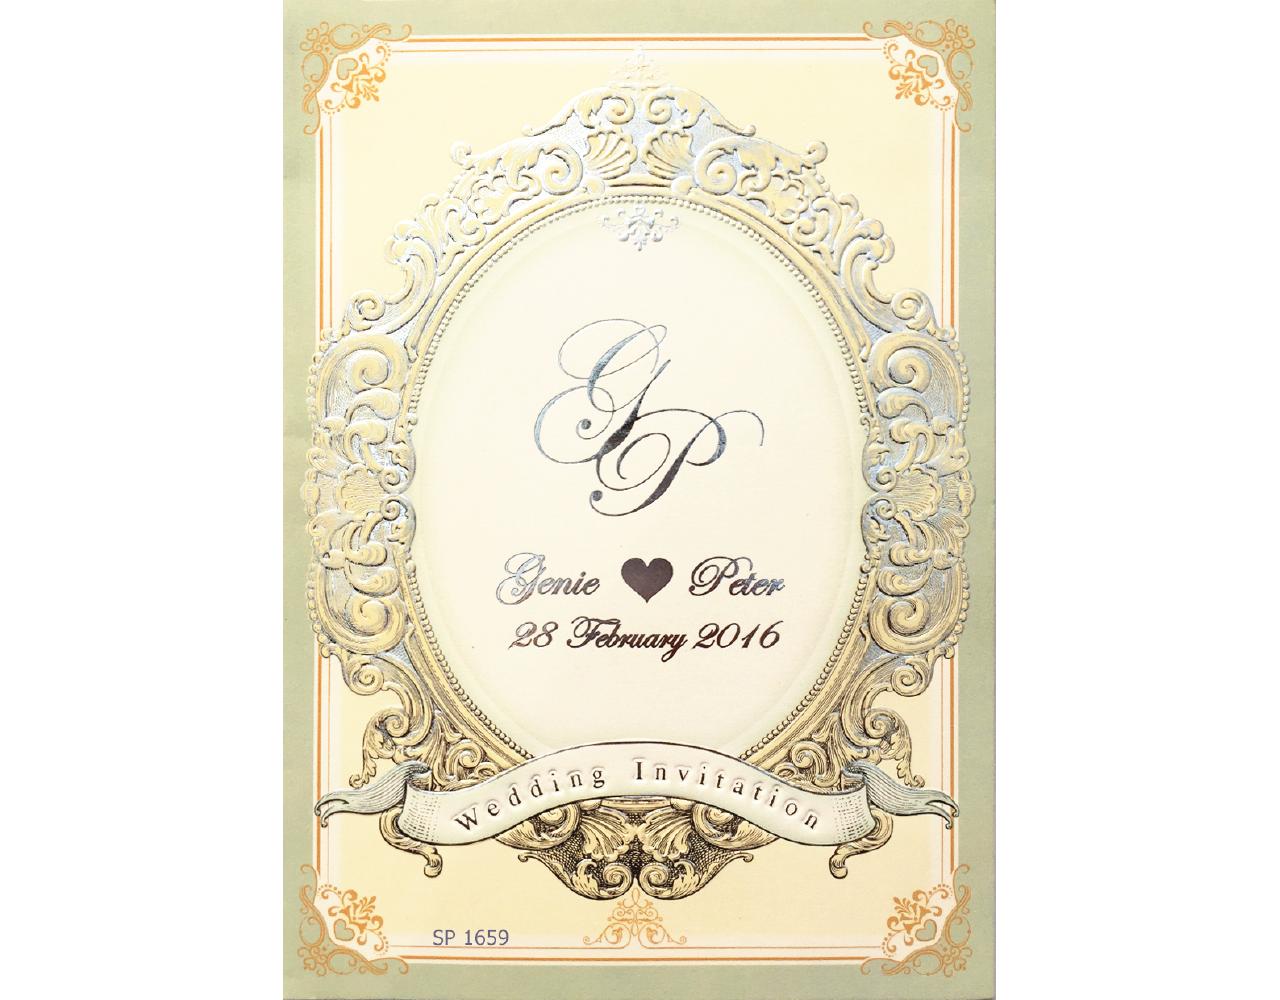 การ์ดต่งงาน การ์ดเชิญ หลากหลายรูปแบบ การ์ดพร้อมซอง Wedding card 21.3x15.3 cm SP 1659 [Blue